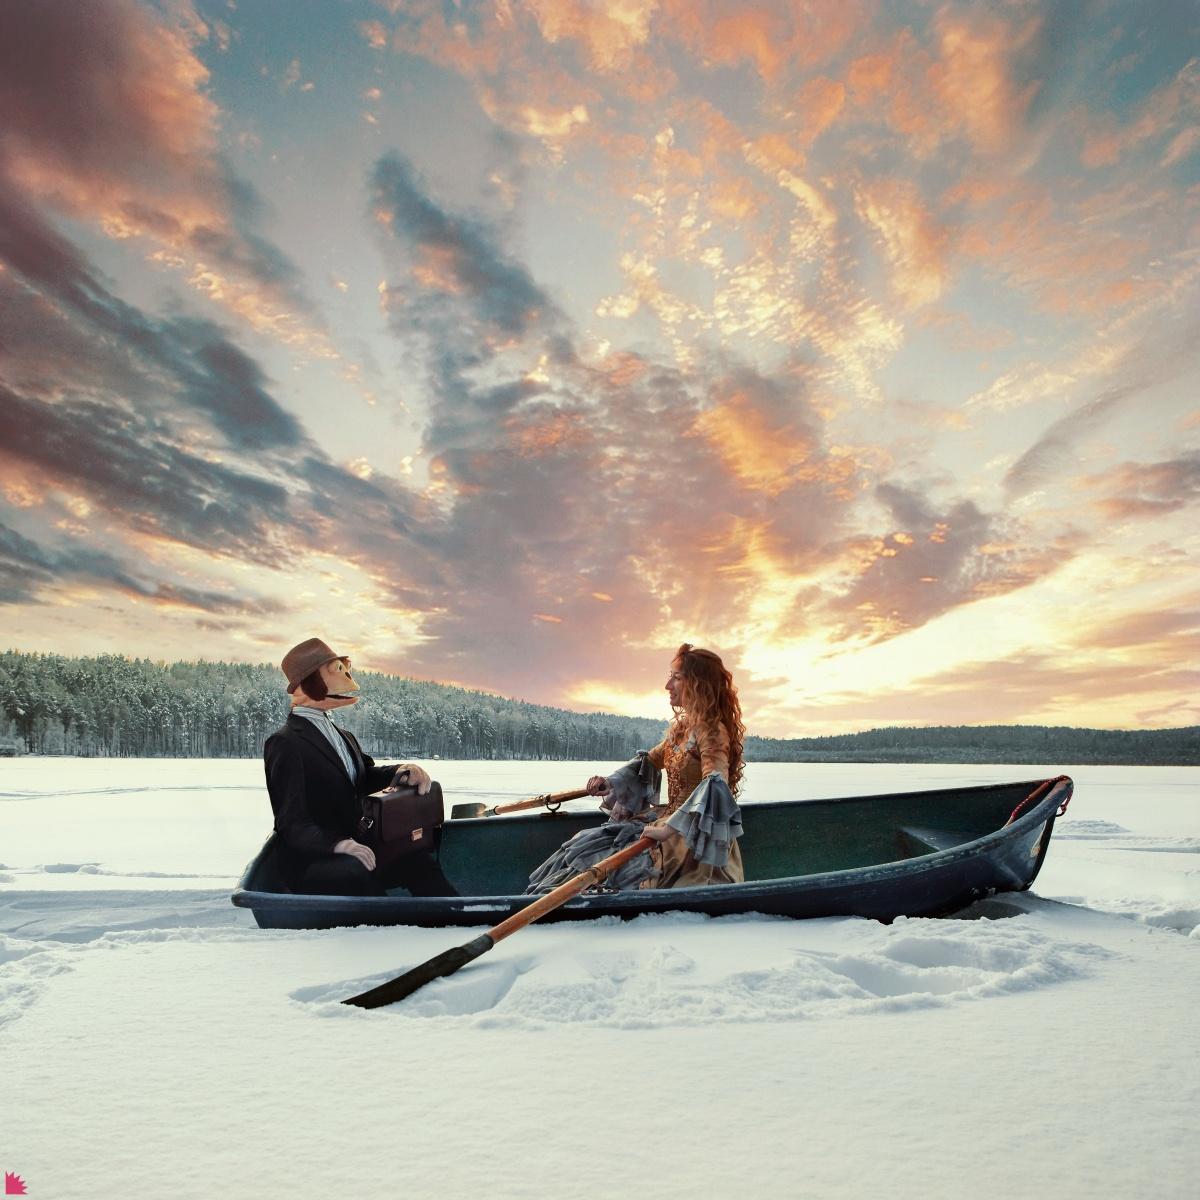 Лодка на снегу